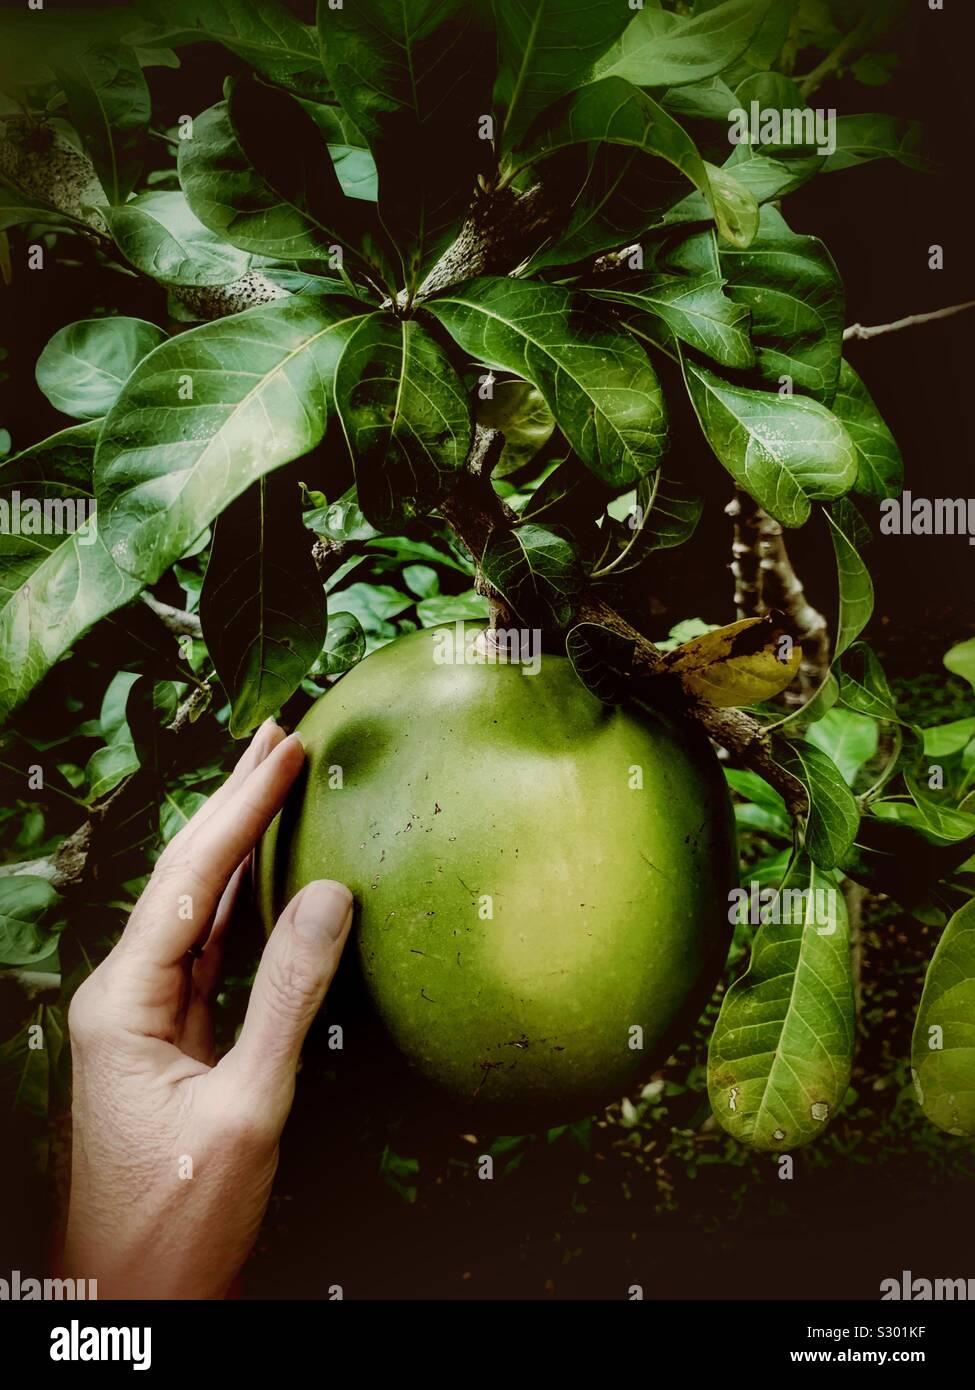 Hand berührt ist eine Frau das Äußere des Obst auf einem Jícara Baum. Es ist ein heiliger Baum der Maya. Die harten Schalen der Früchte werden oft als Trinkwasser oder für Schiffe verwendet. Stockfoto